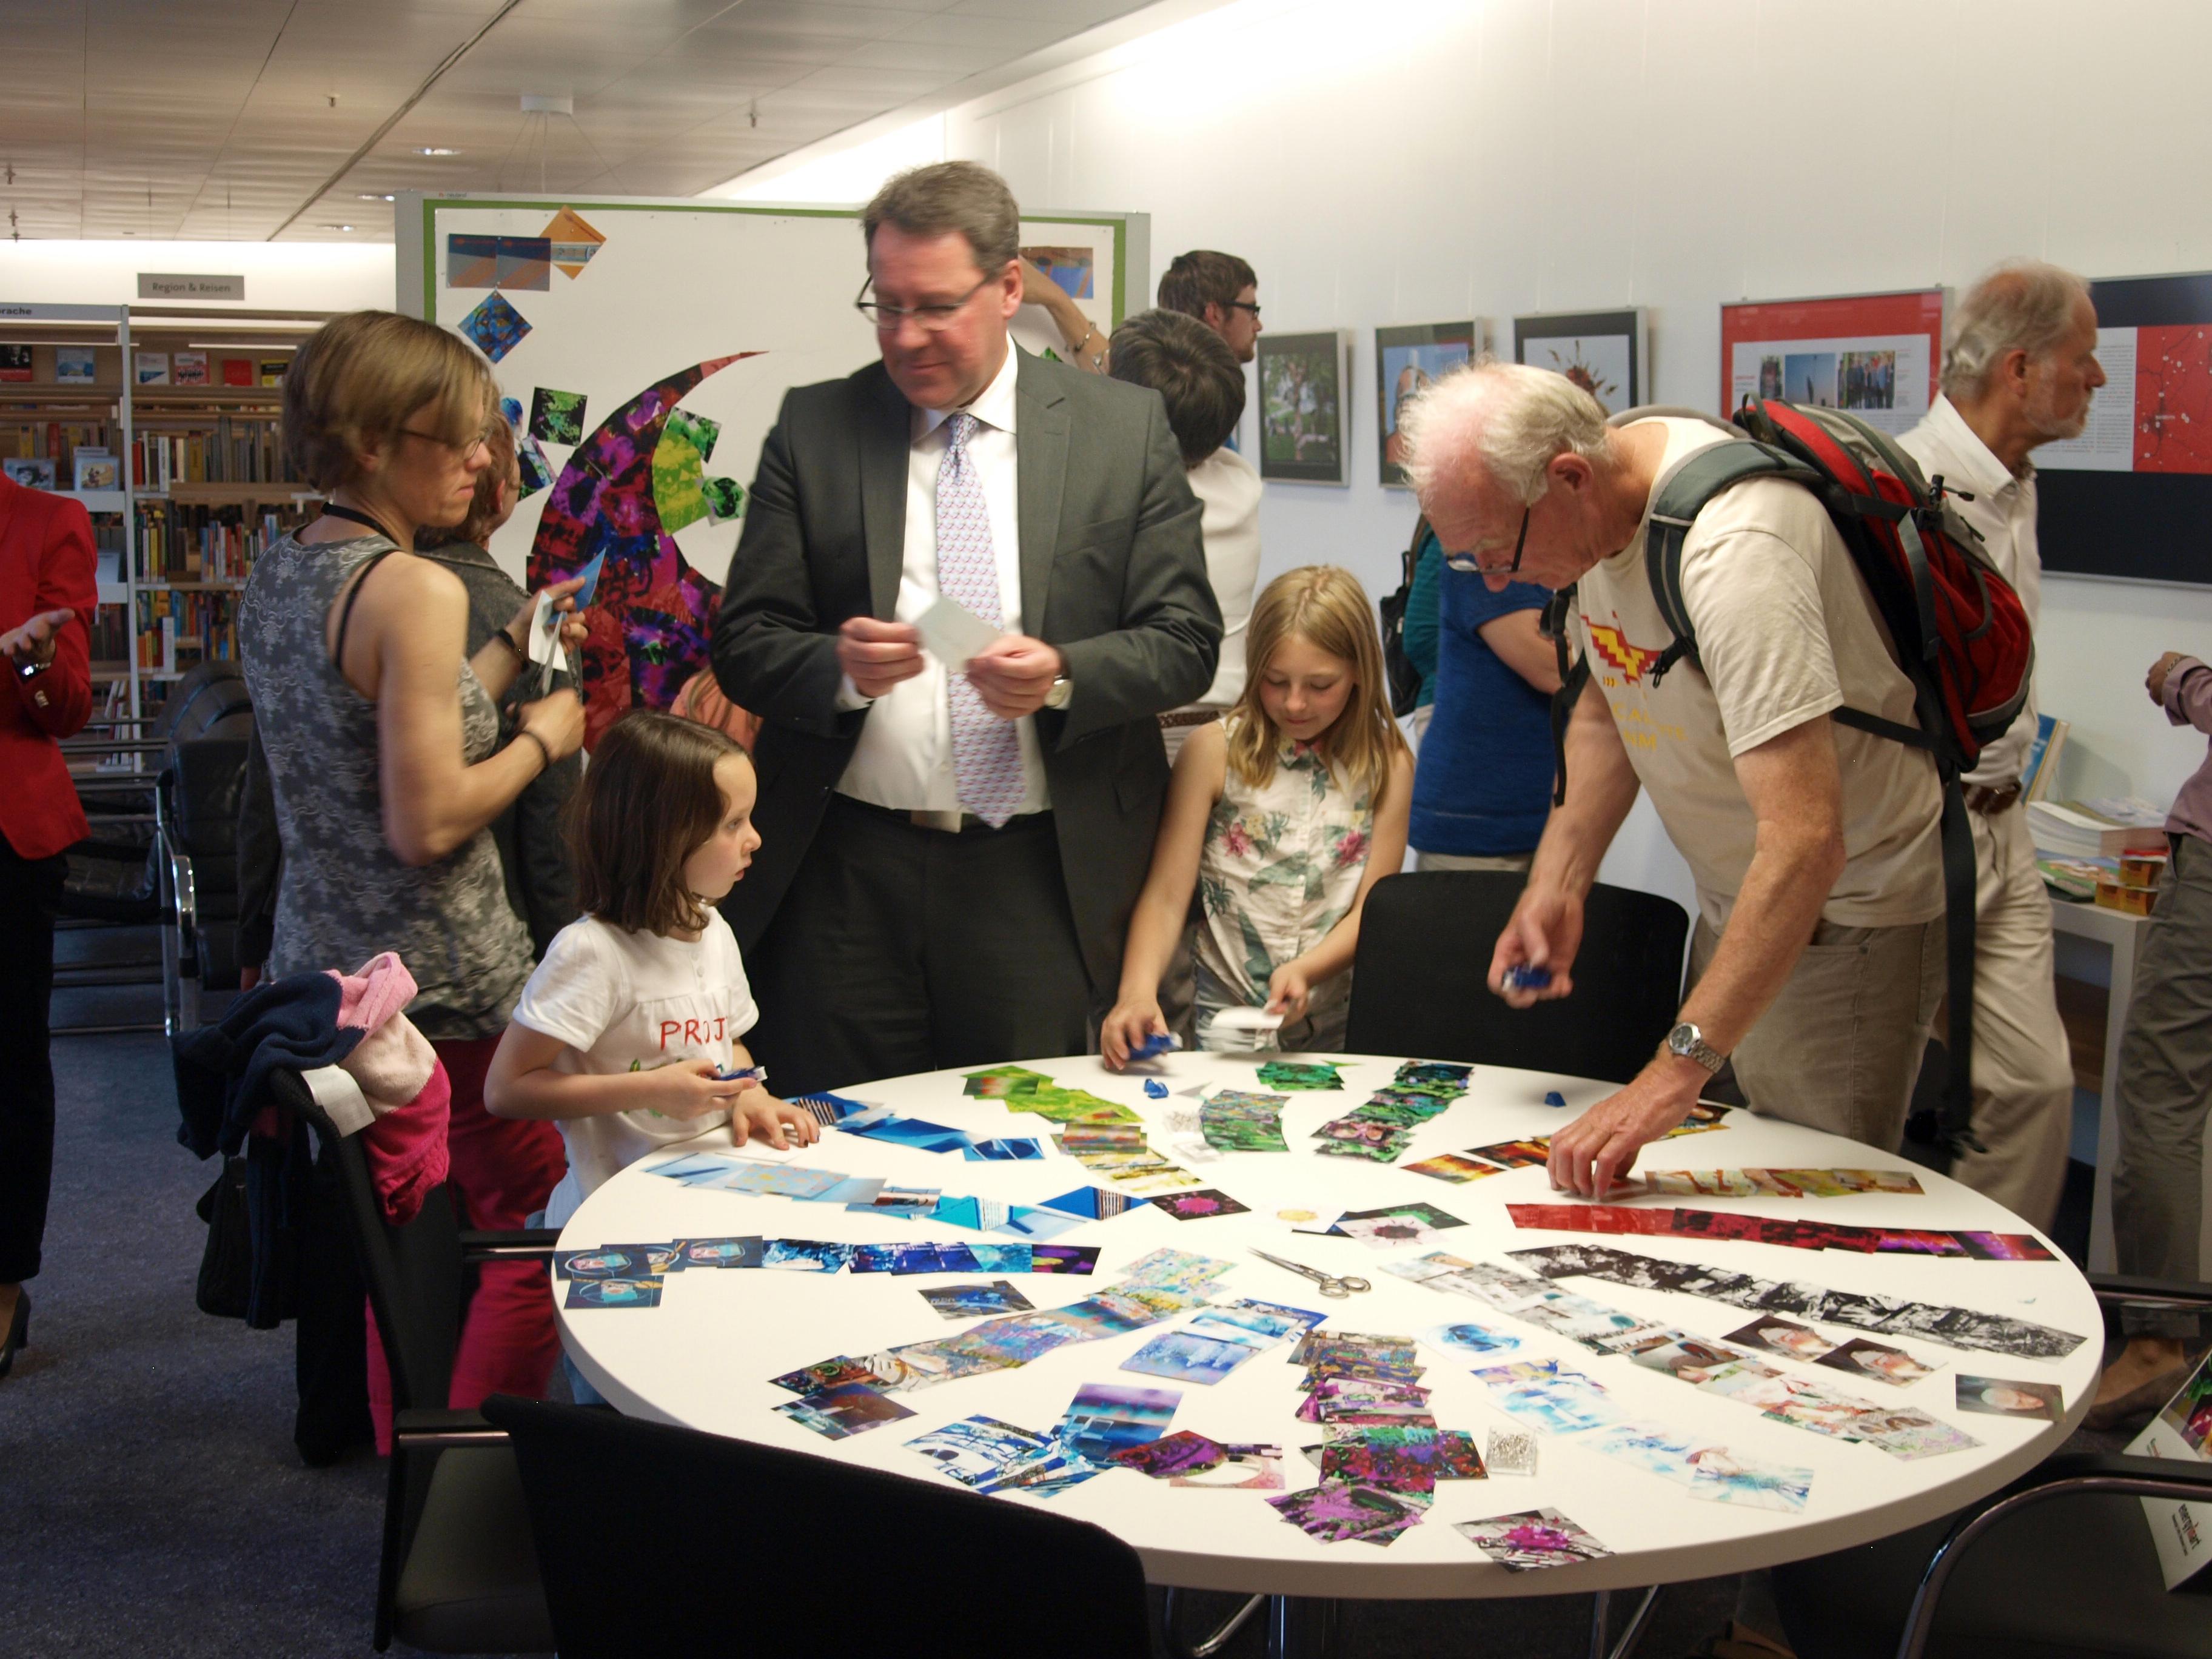 Die Kunstperformance bildete das interaktive Element der Ausstellungseröffnung.